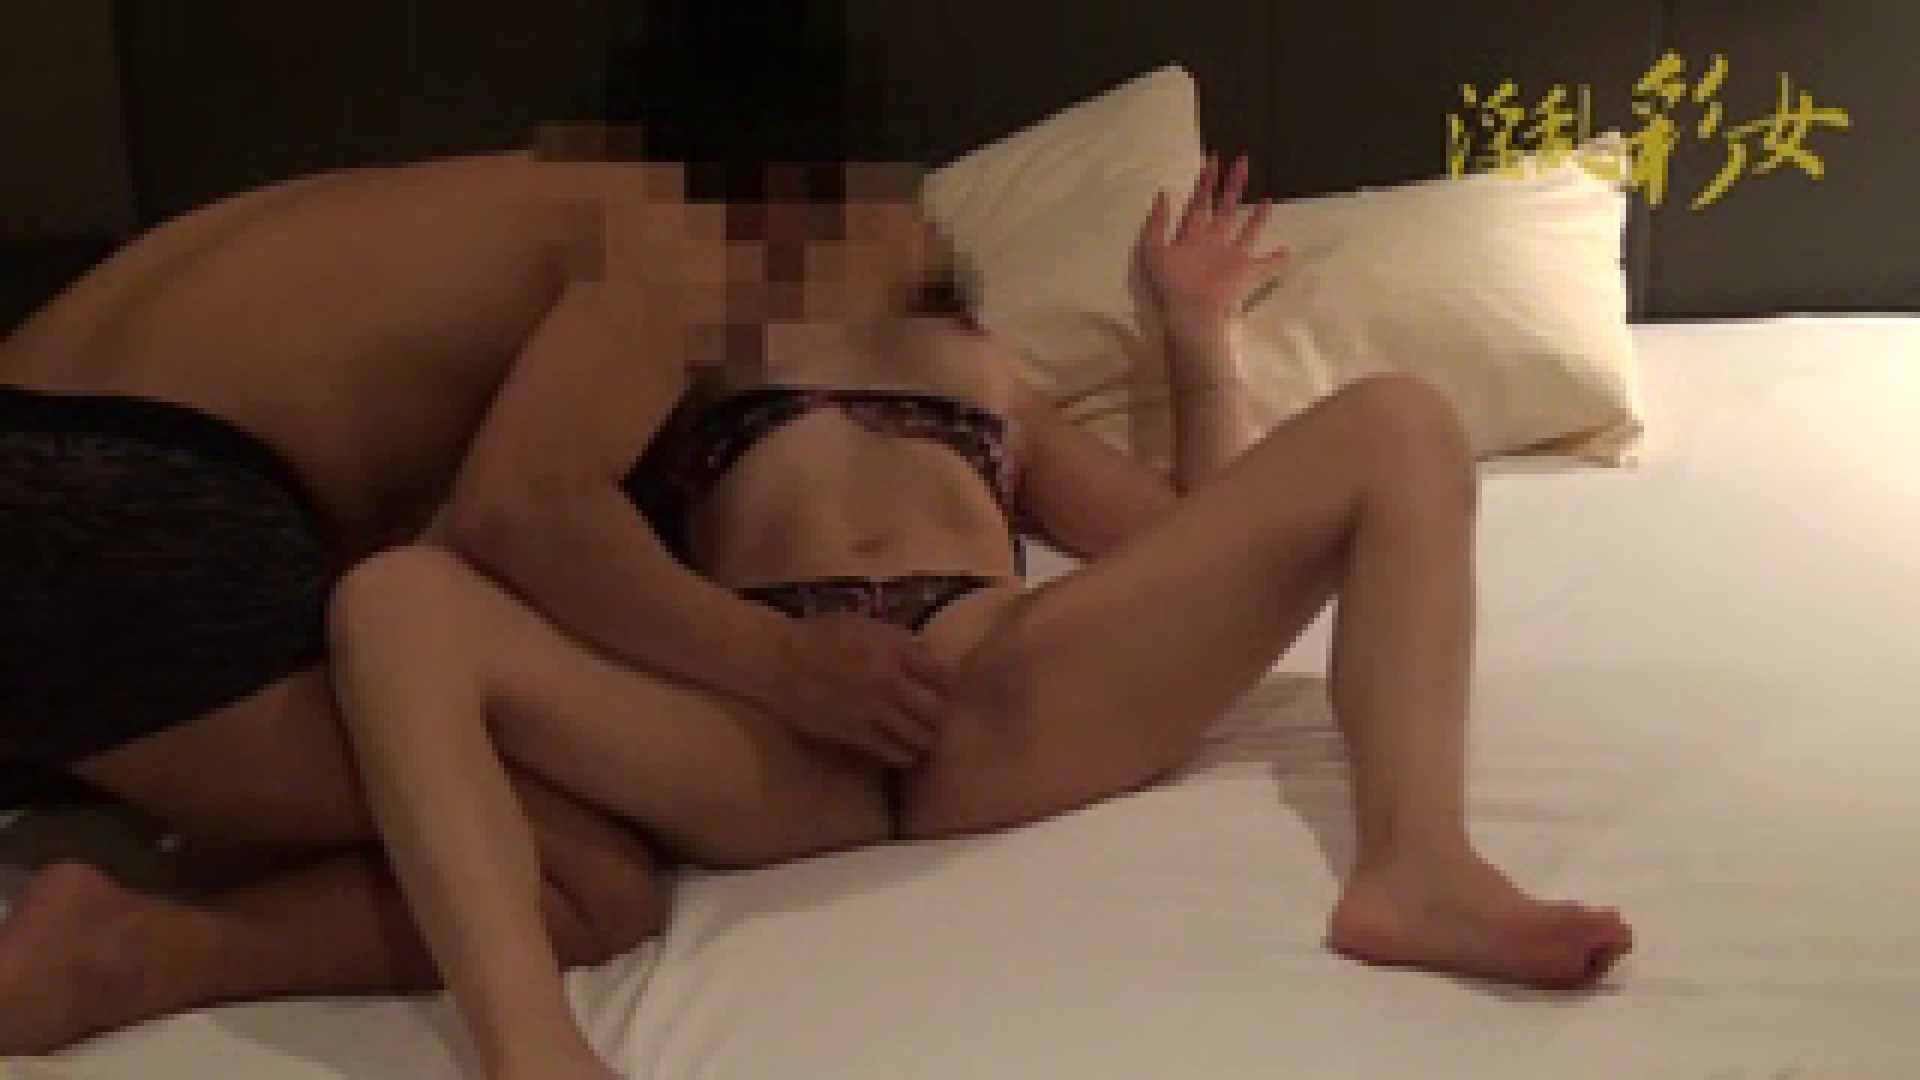 淫乱彩女麻優里 30歳デカマラ単独君 ハイビジョン ホテル潜入   SEX  103pic 69